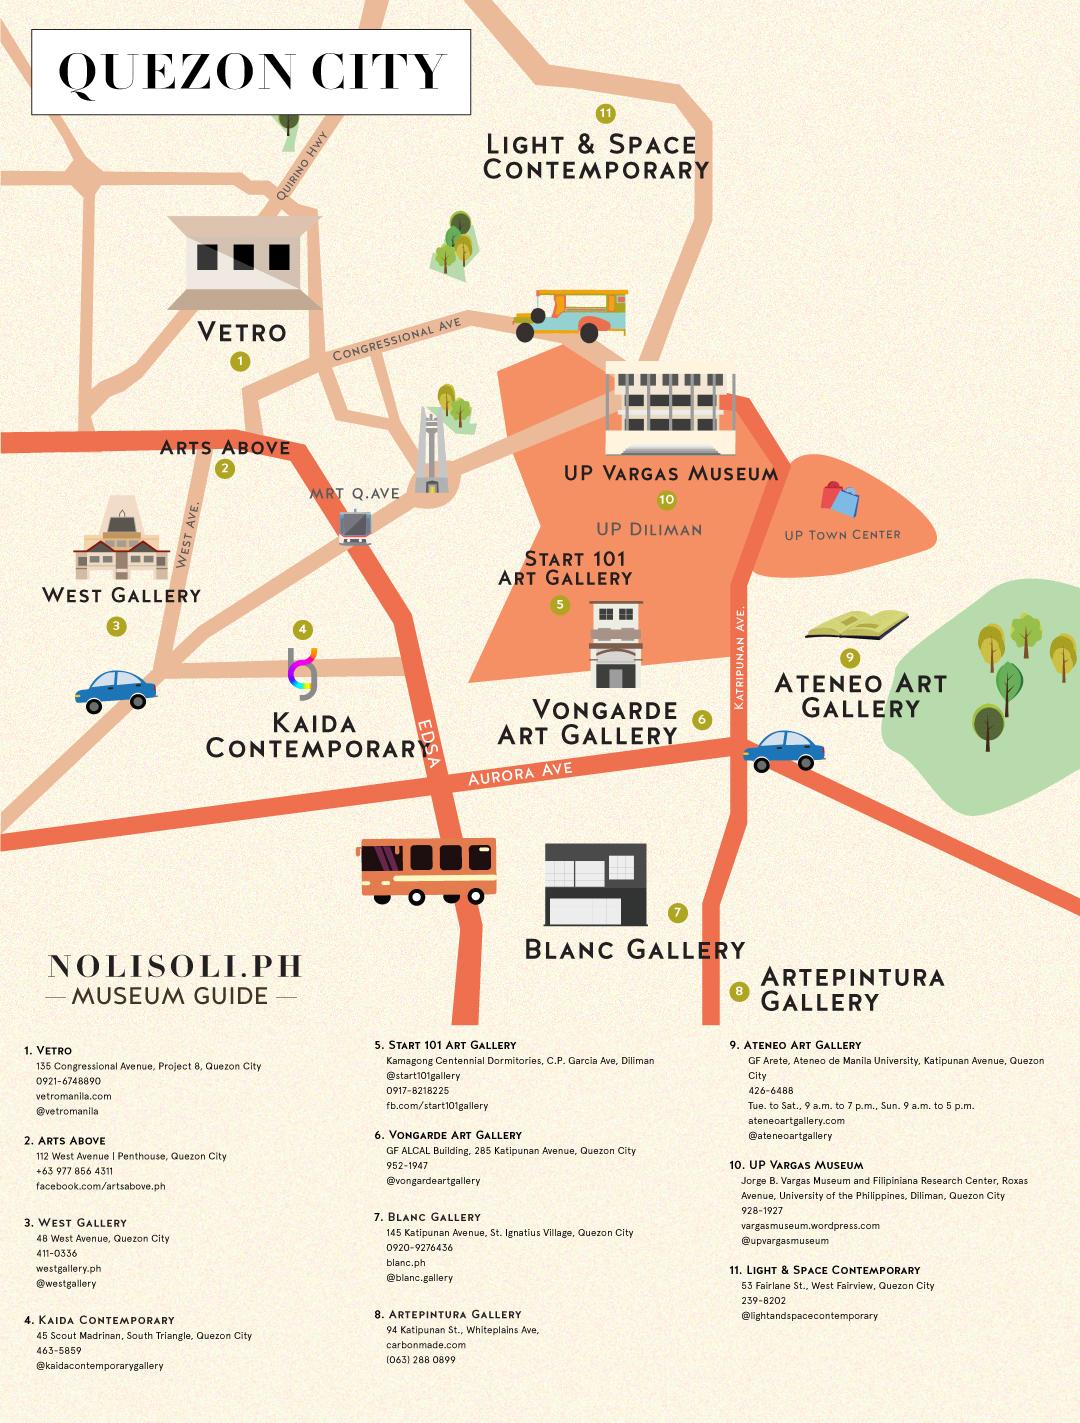 nolisoli museum art gallery map quezon city